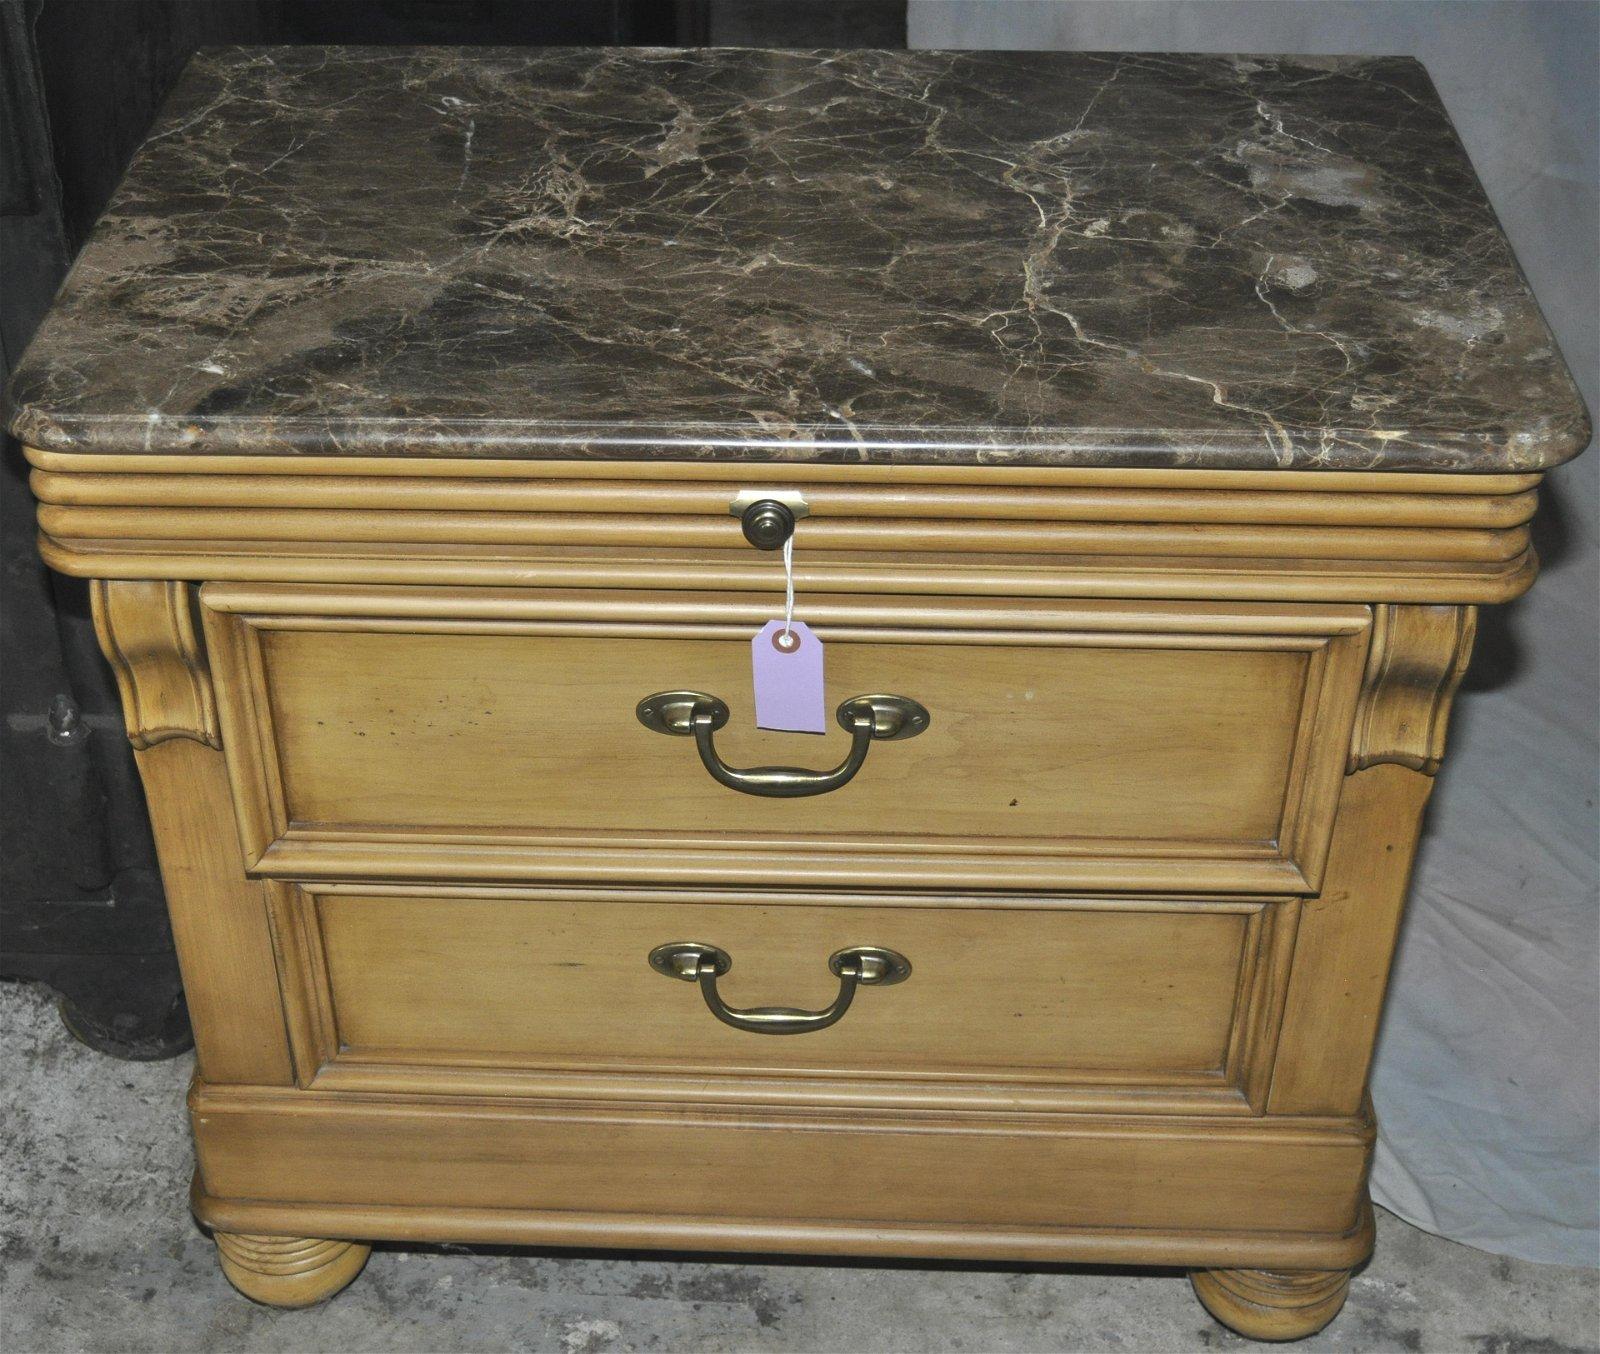 Lexington-Nautica Marble Top Bedside Chest